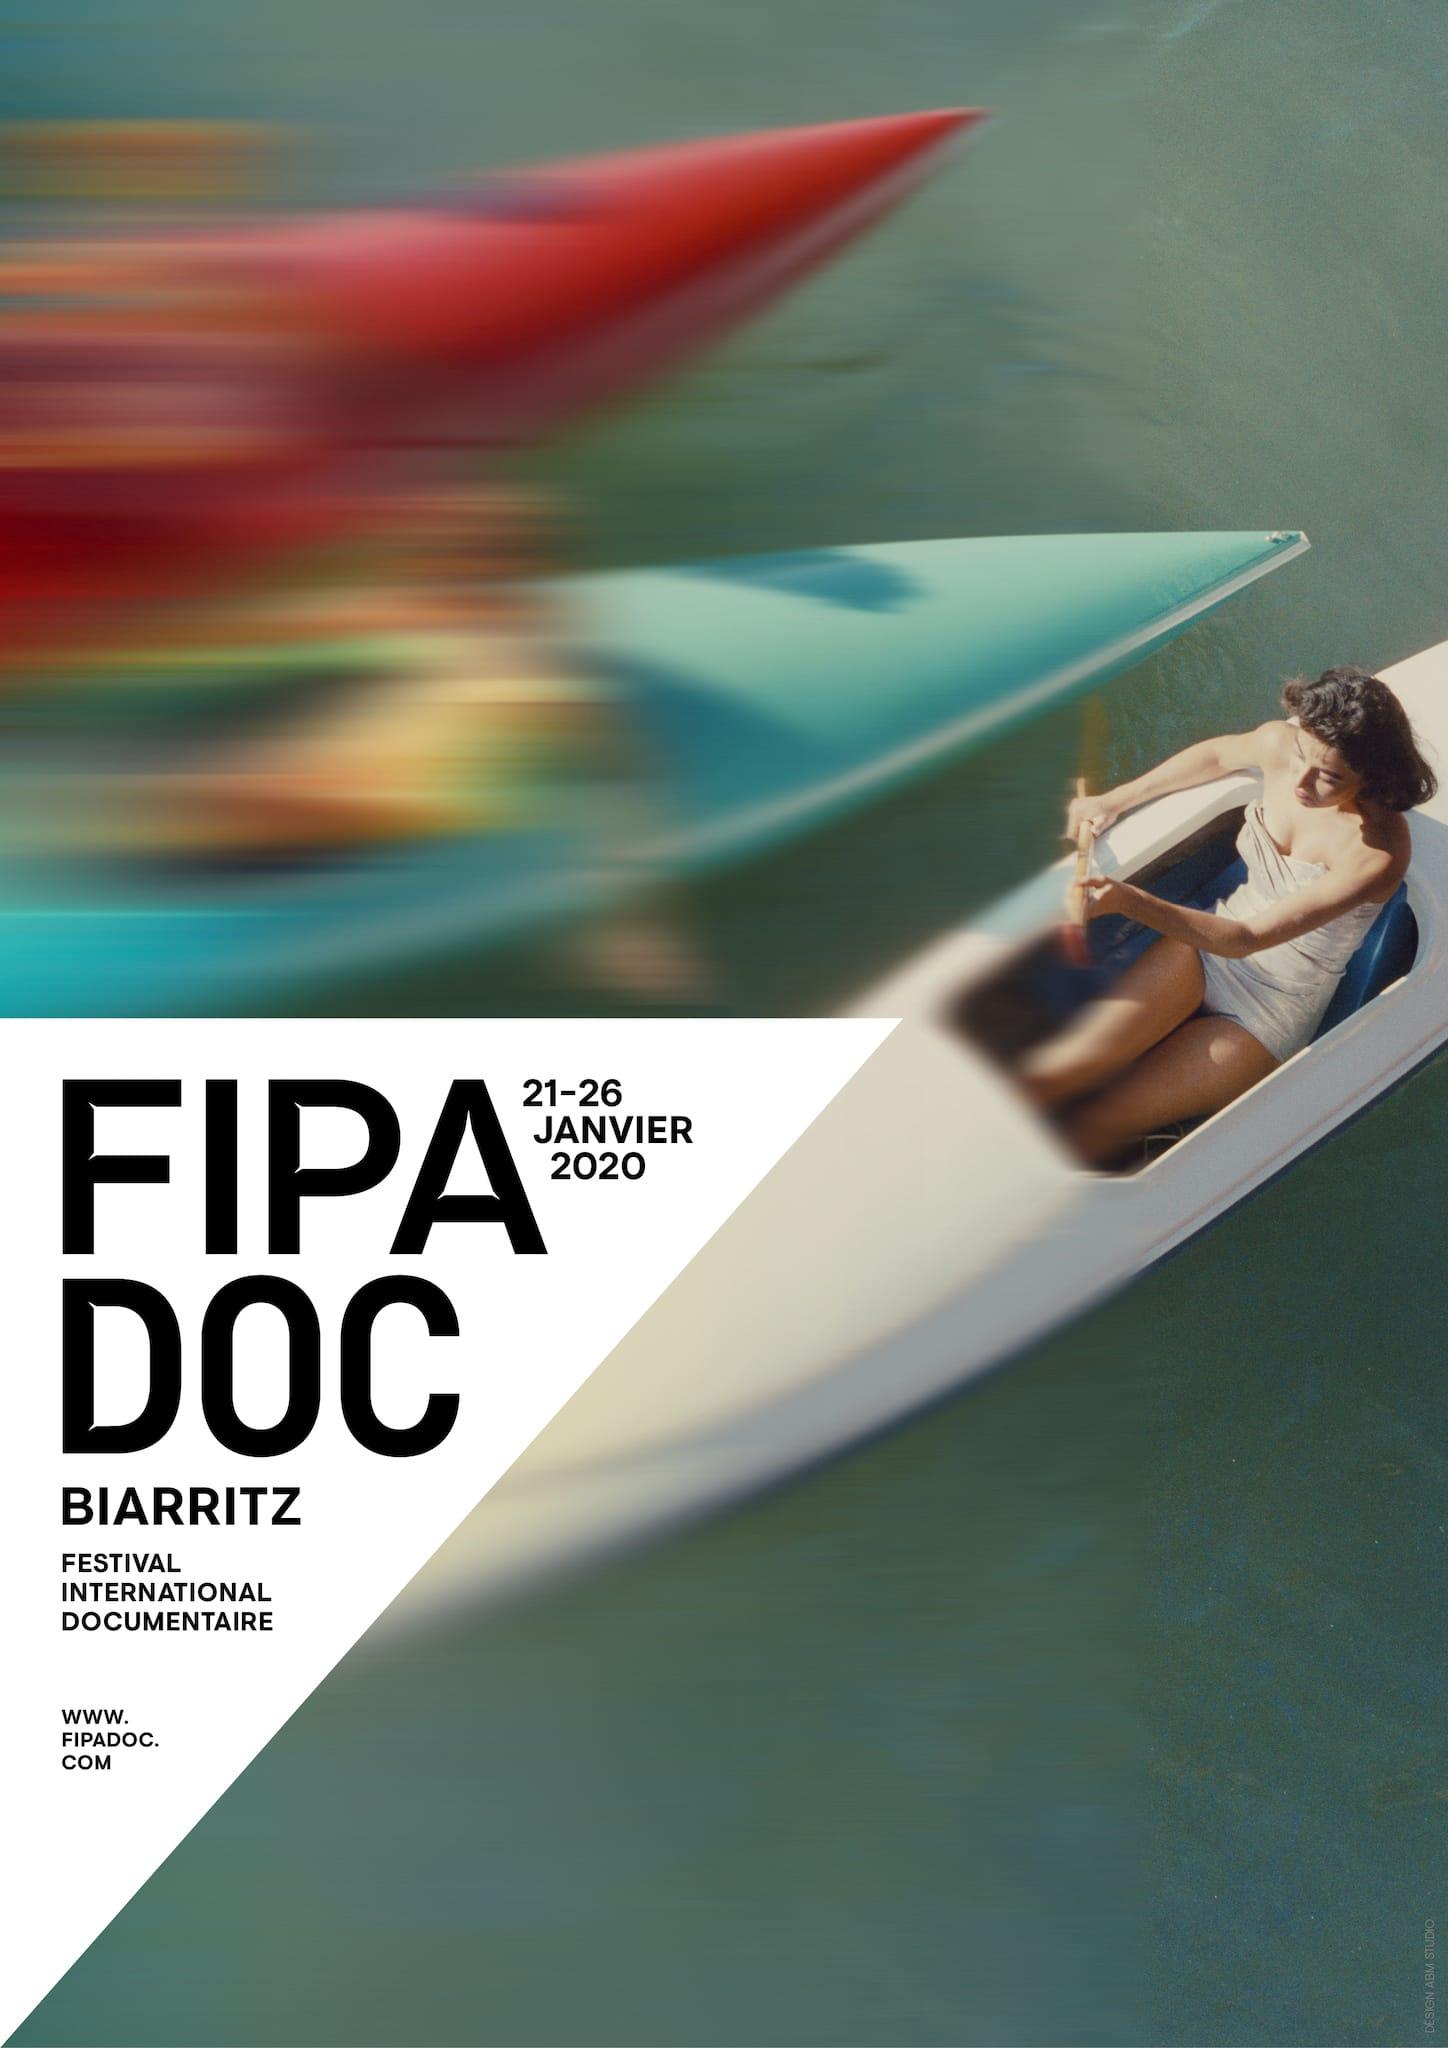 FIPADOC 2020 affiche festival international de documentaires